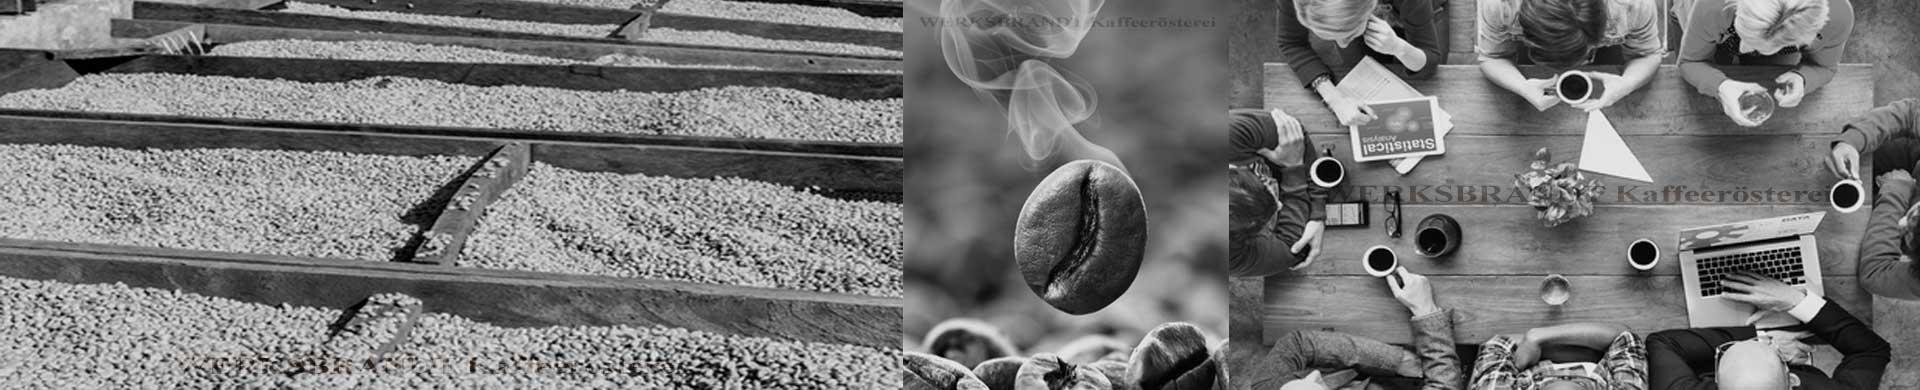 WERKSBRANDT Kaffeerösterei Impressionen Rohkaffee Kaffeebohne Besprechung mit Kaffee